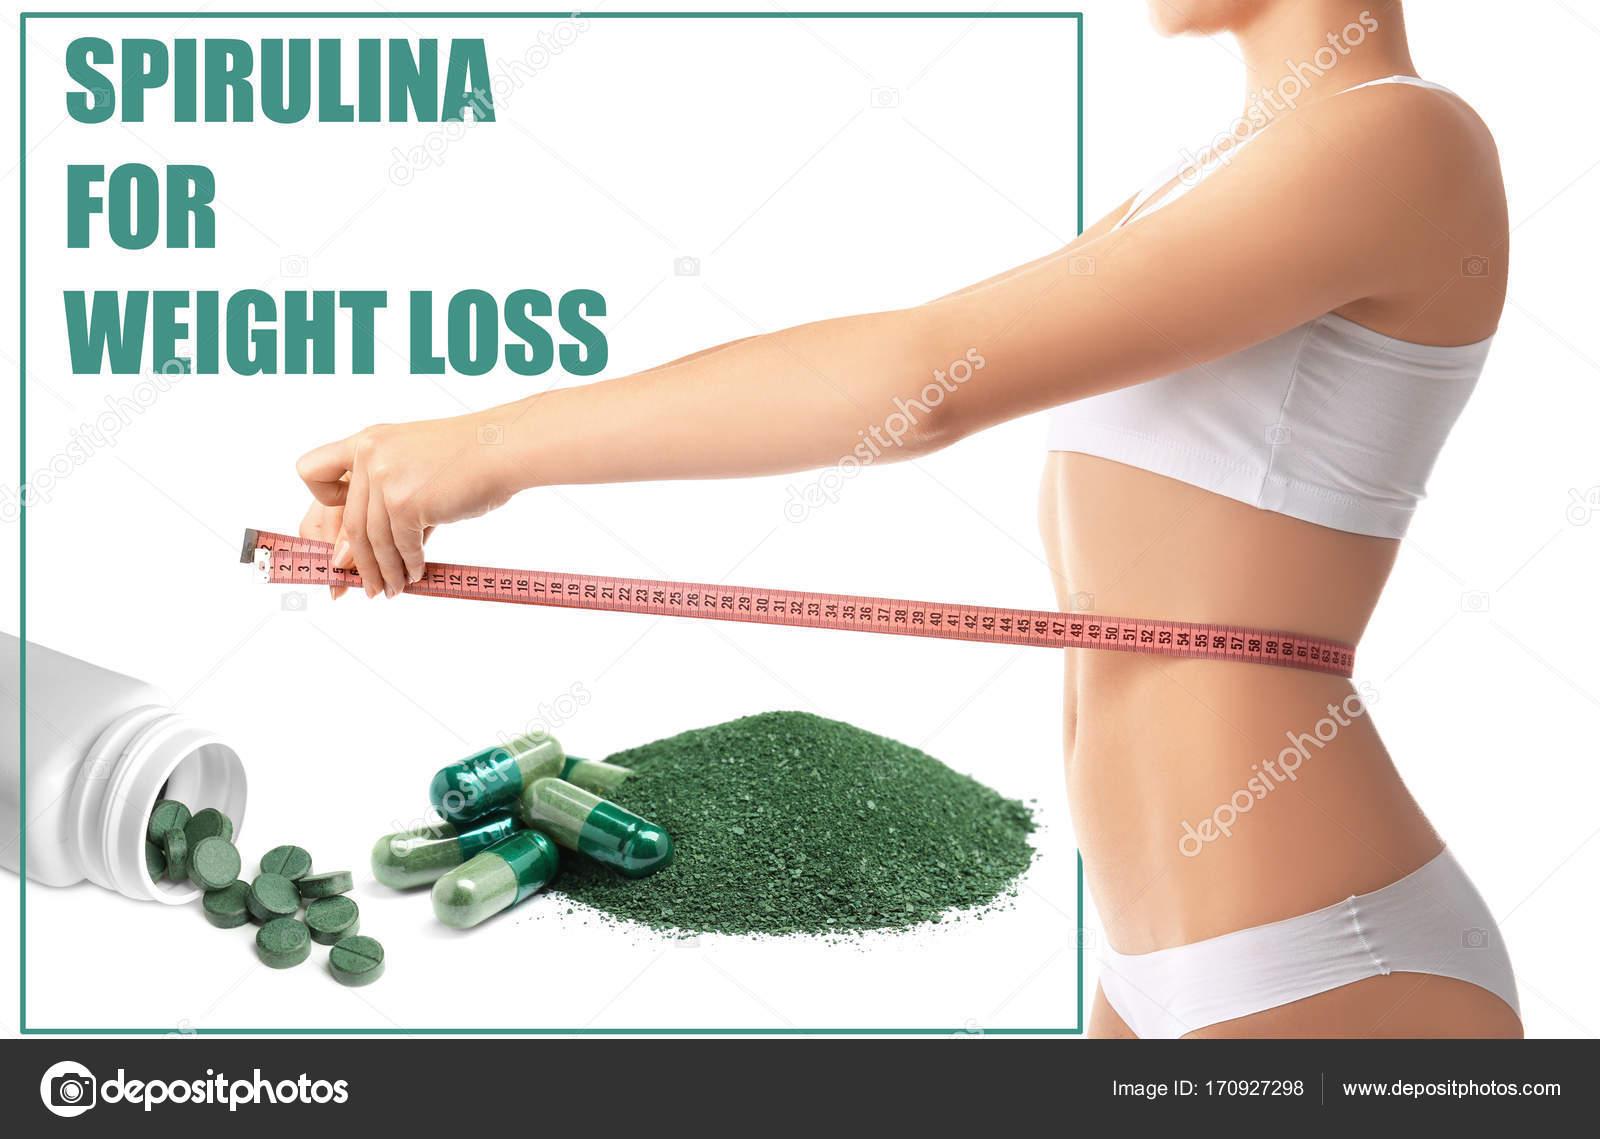 pillola per la perdita di peso di spirulina